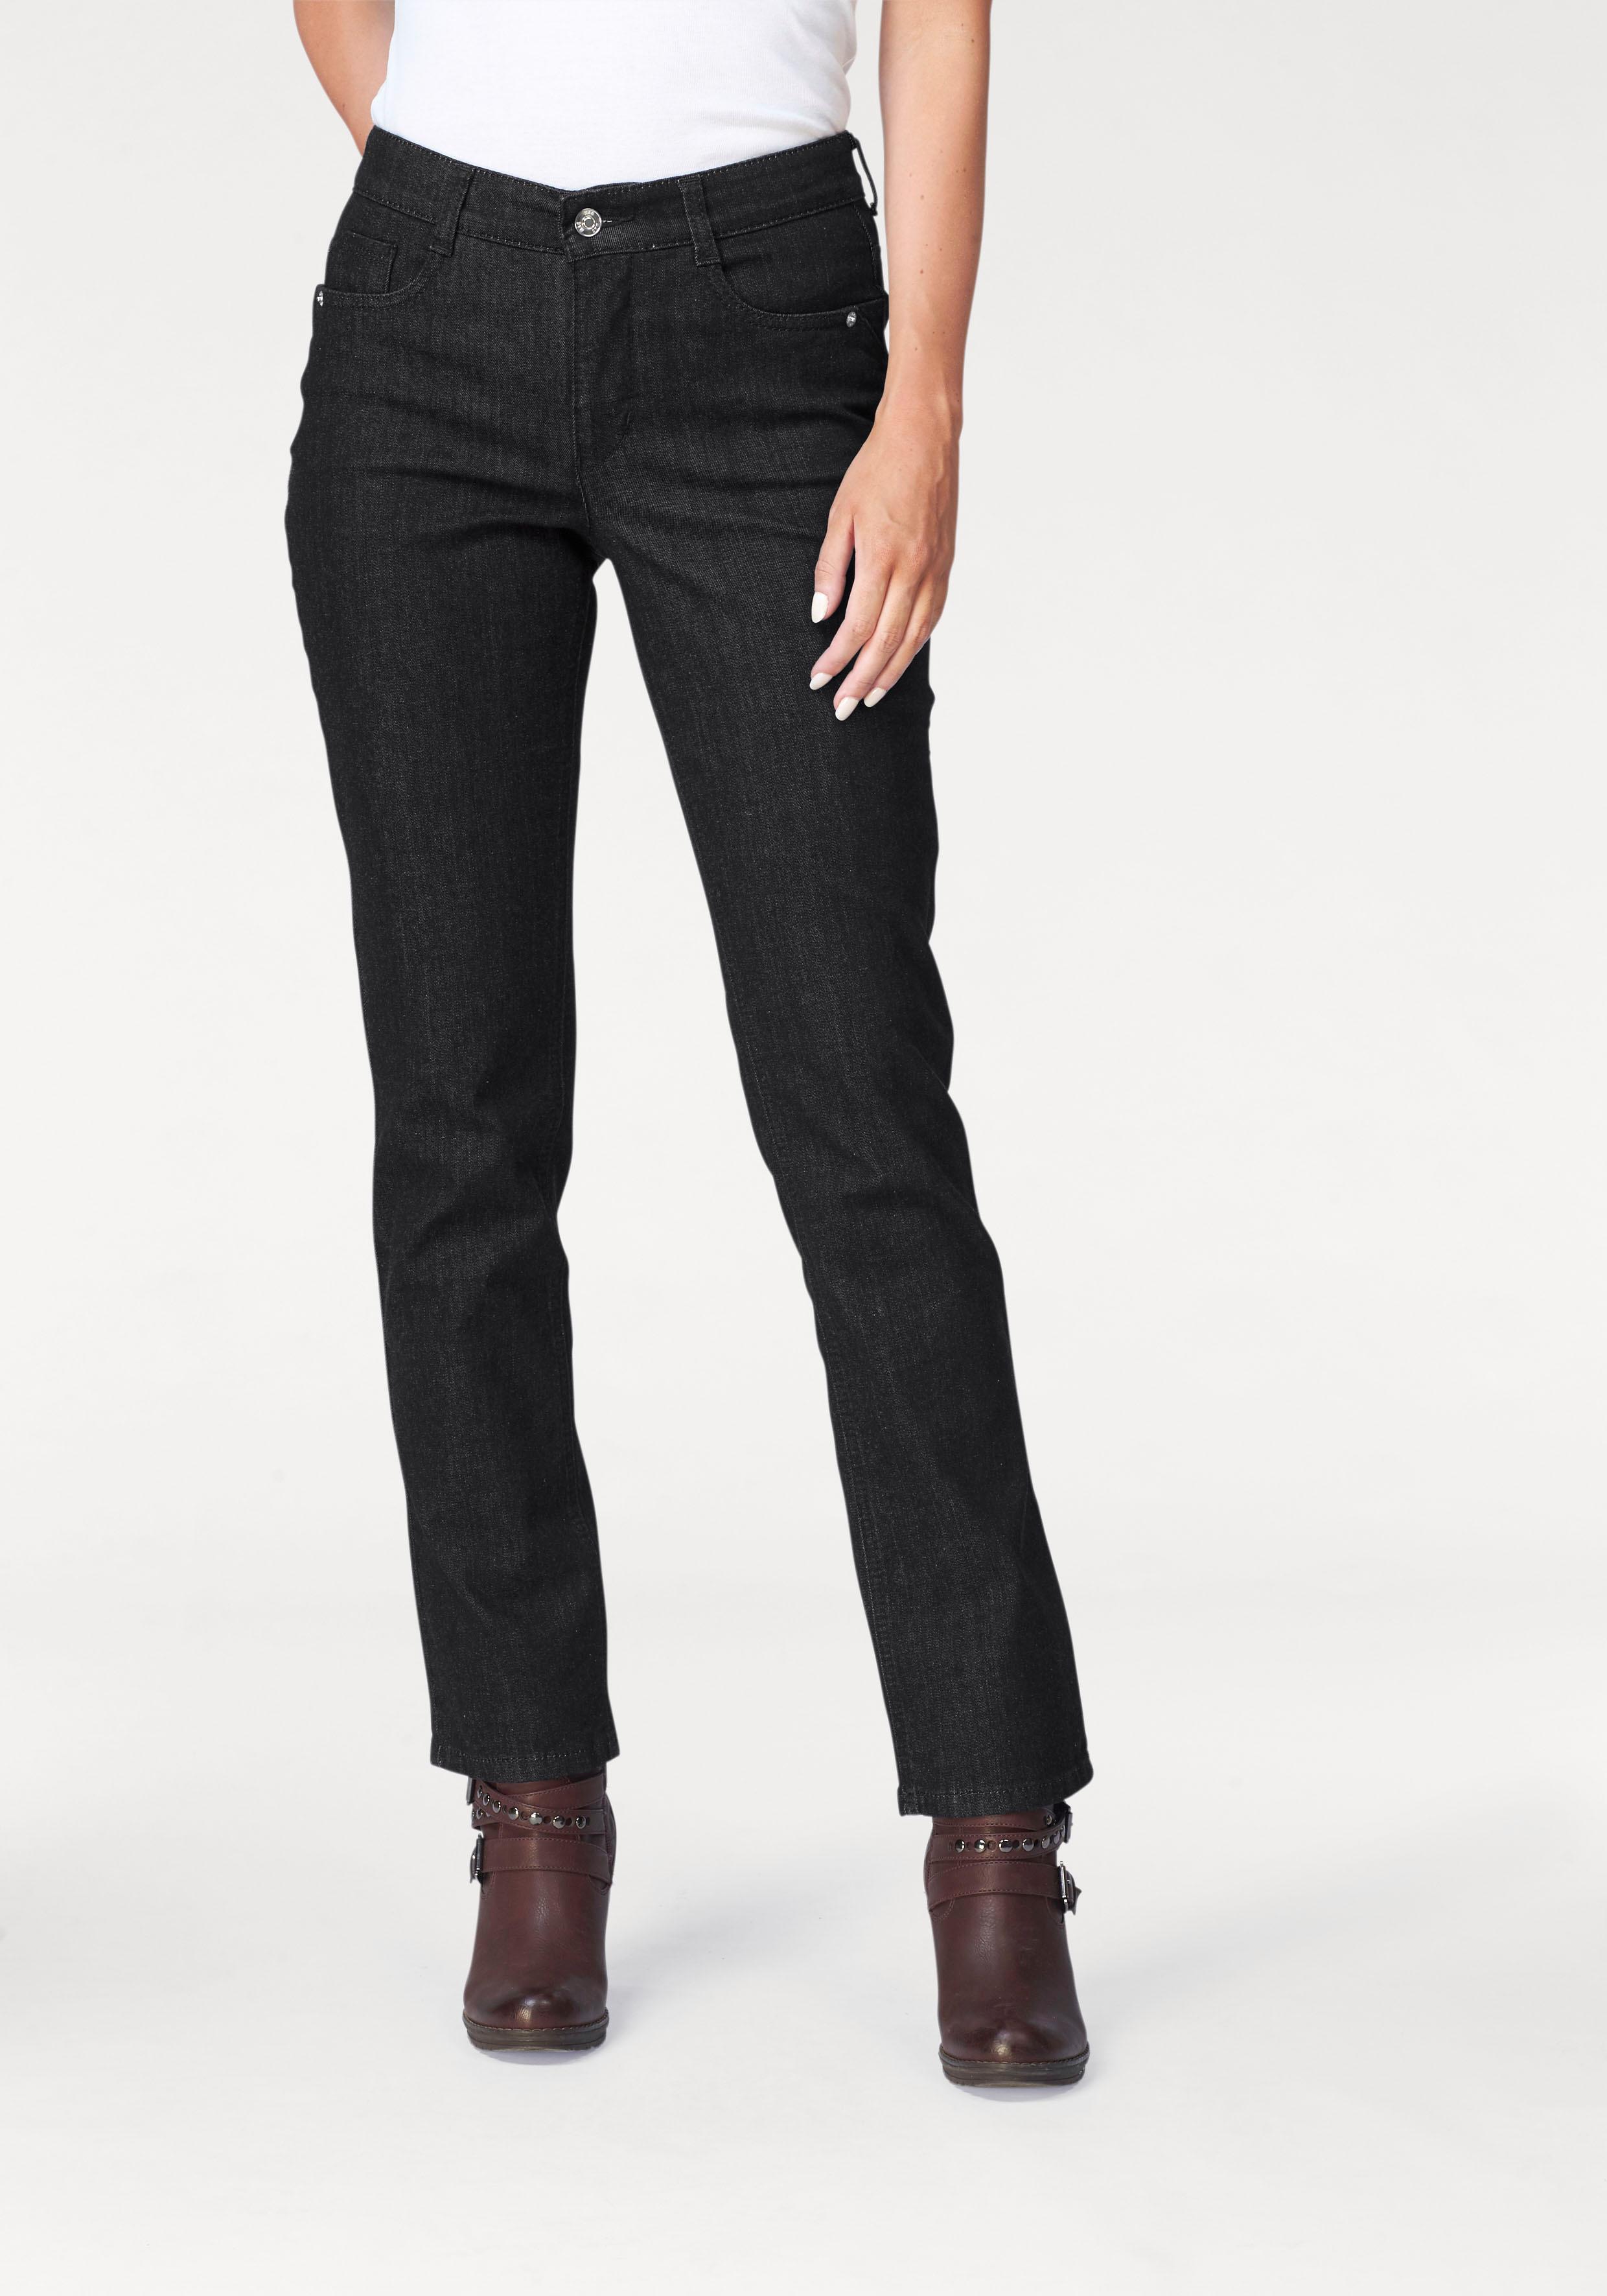 MAC 5-Pocket-Jeans Melanie Stitch   Bekleidung > Jeans   Schwarz   Mac